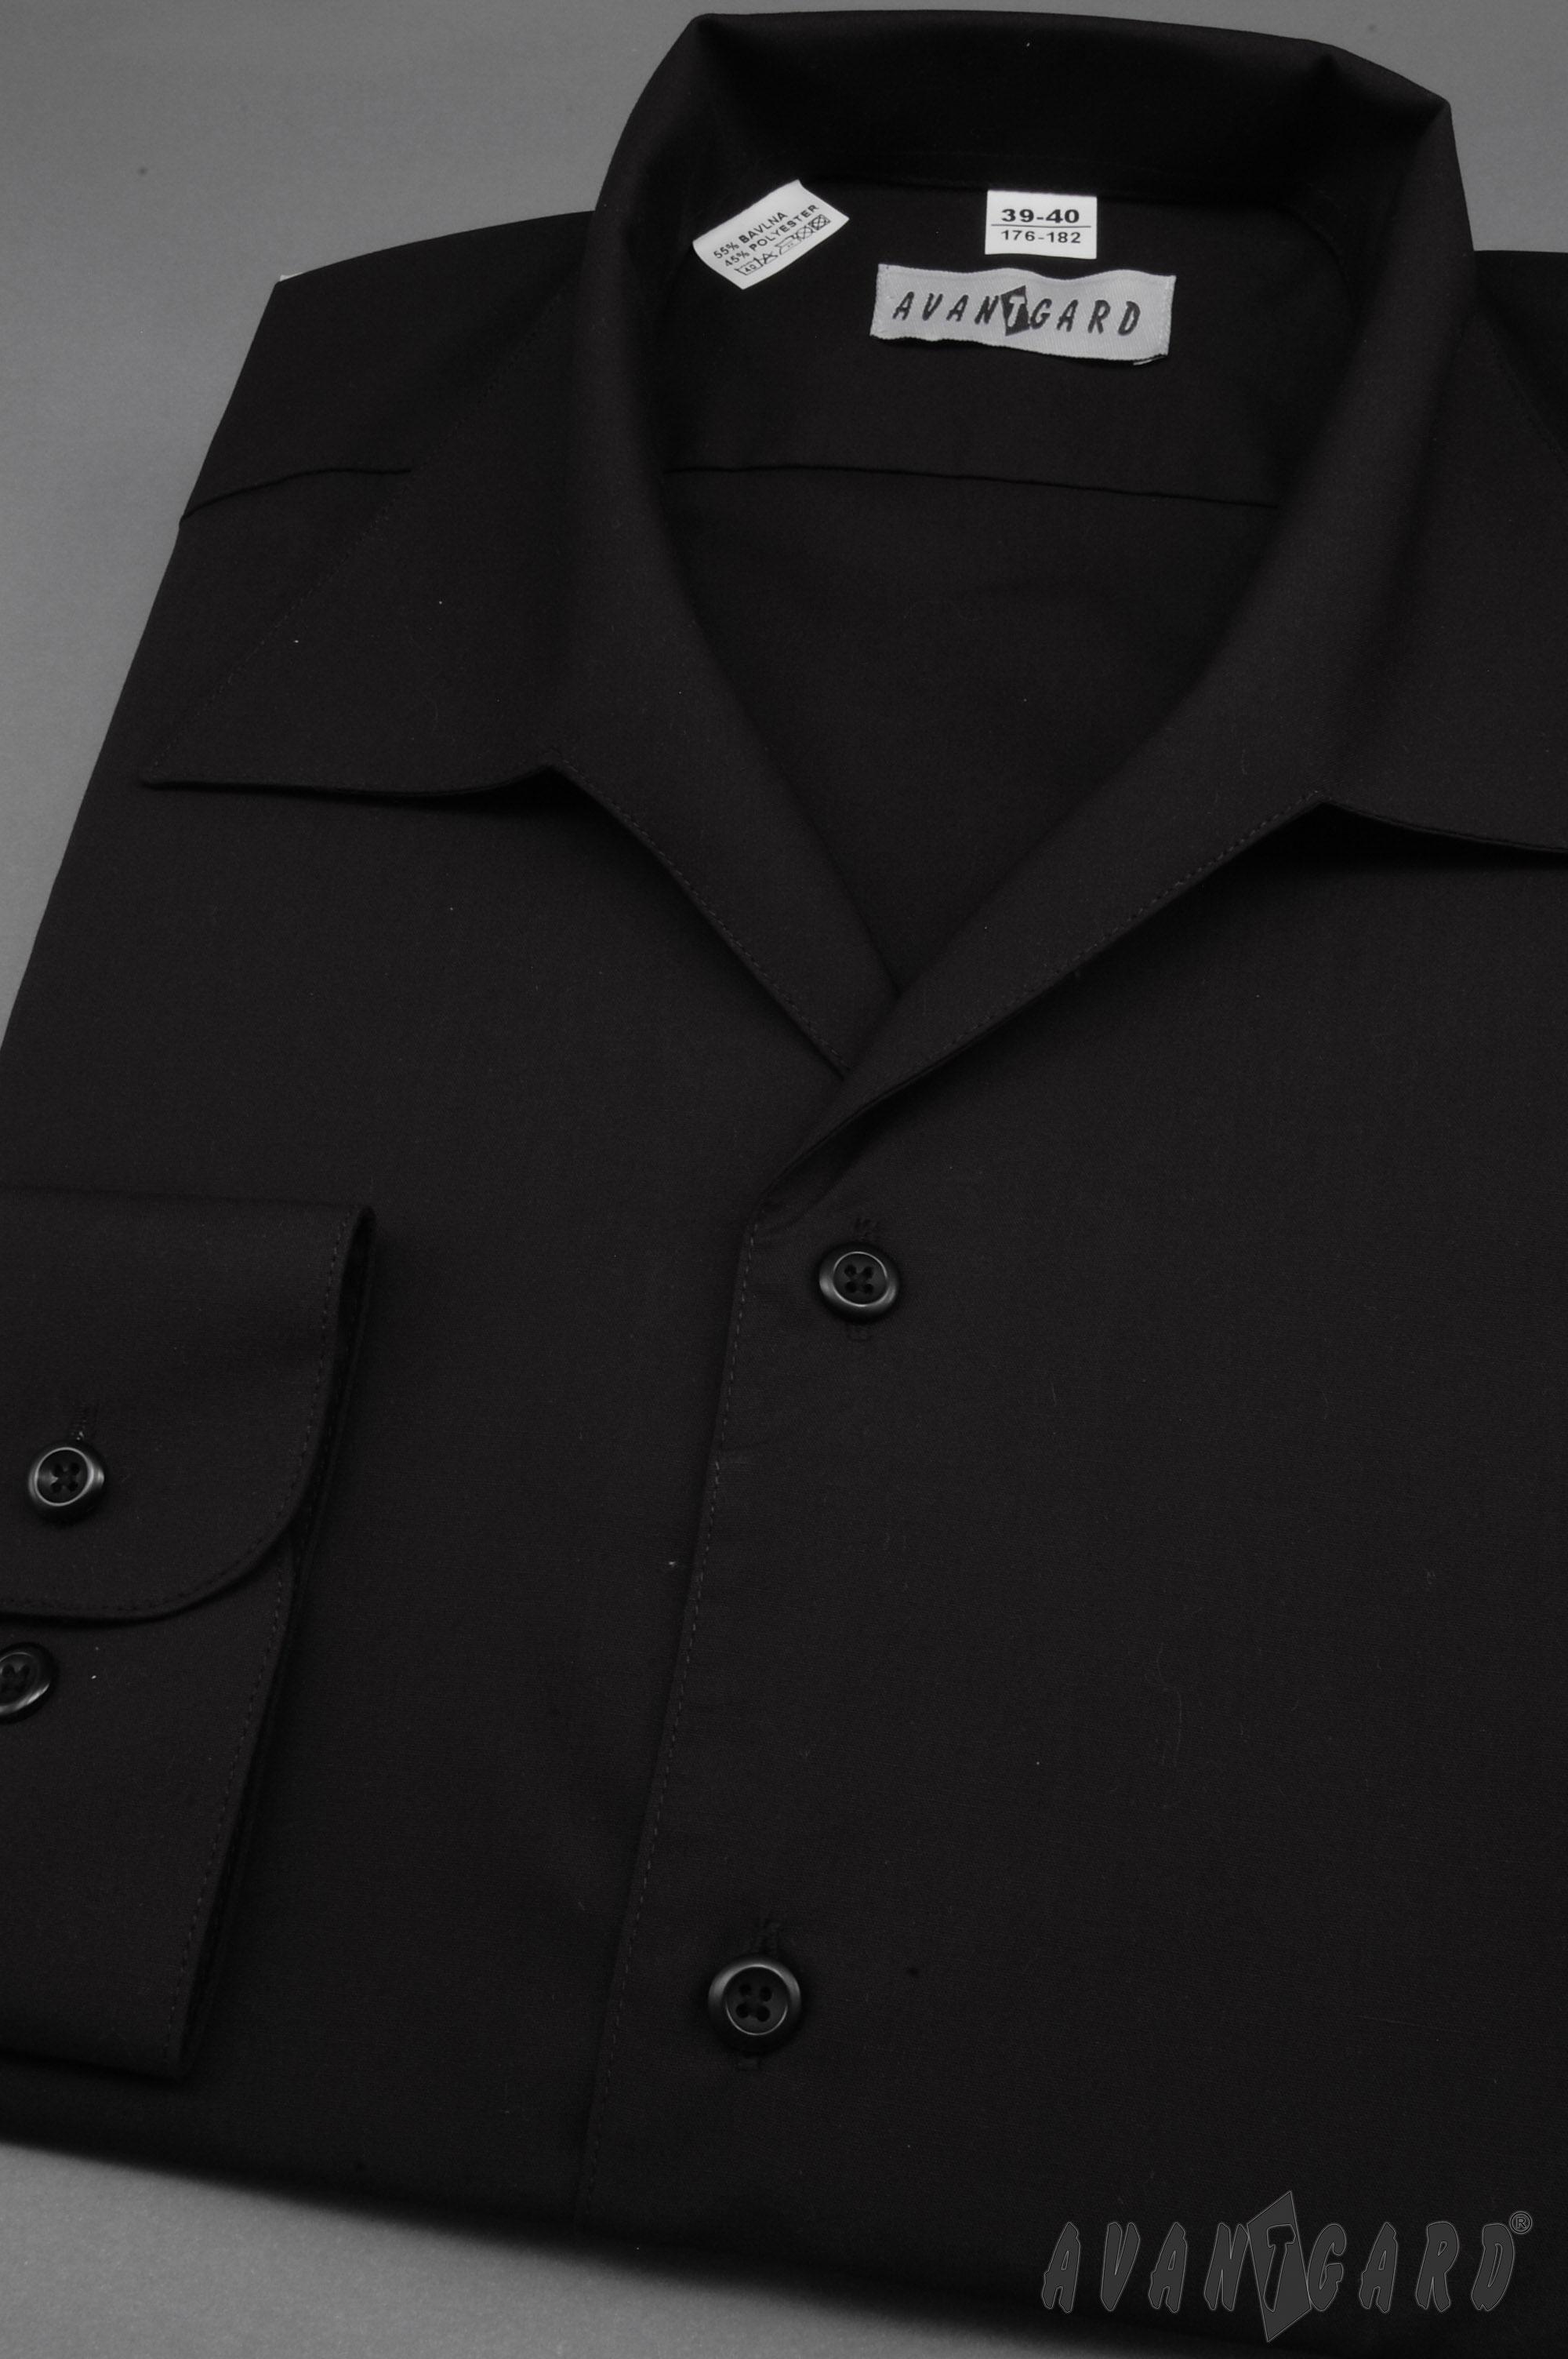 Avantgard pánská košile rozhalenka dlouhý rukáv 457-23 barva černá